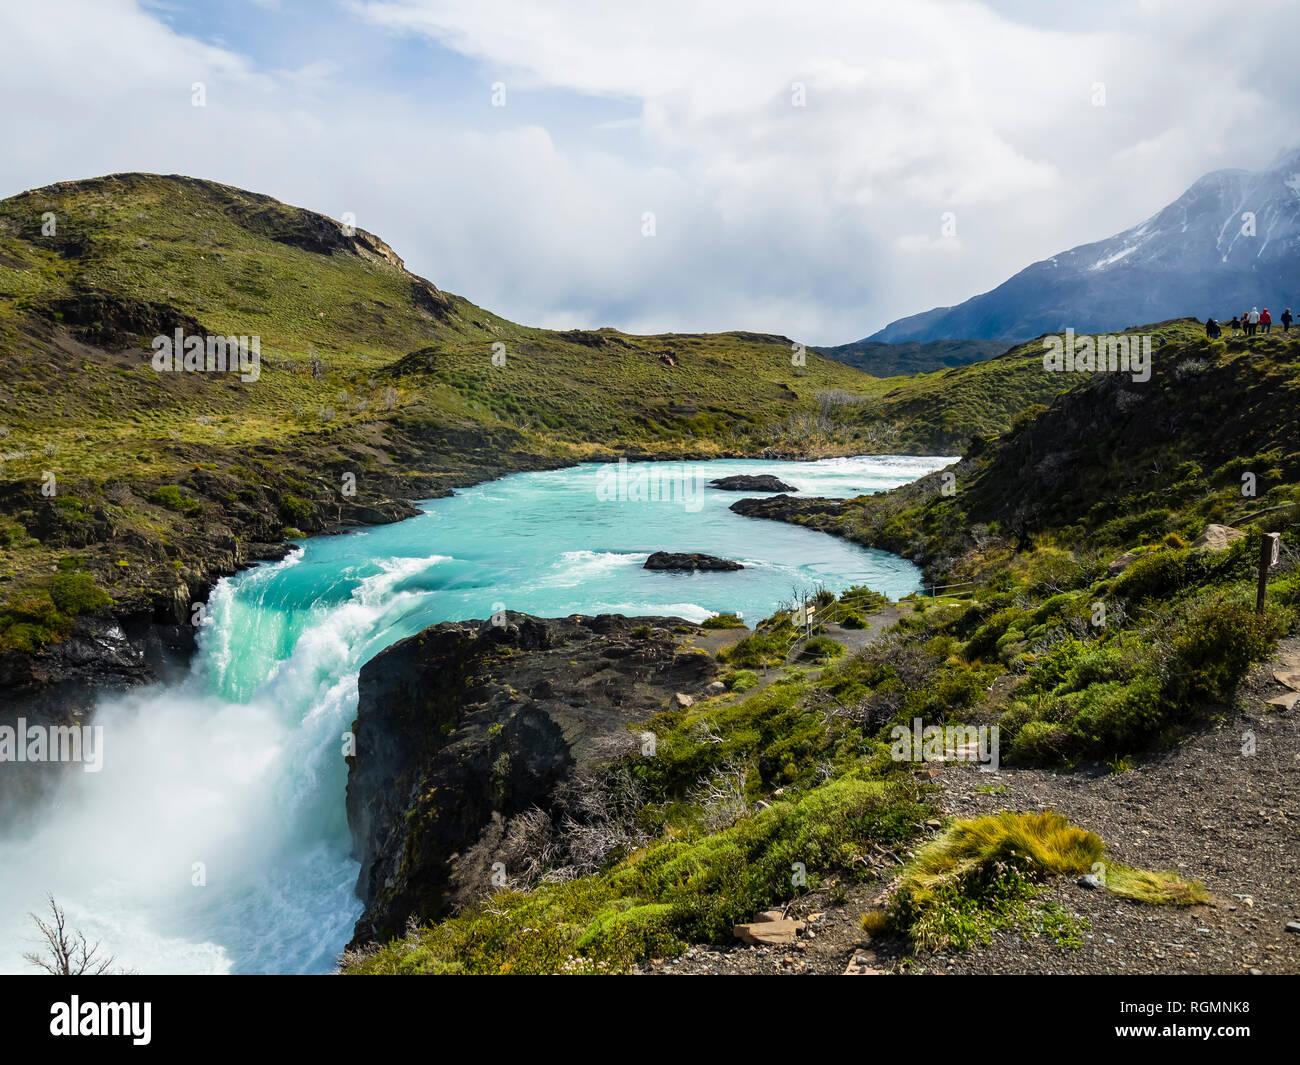 Sud America, Cile, Patagonia, vista di Rio Paine, Parco Nazionale Torres del Paine, Cascata Salto Grande Immagini Stock